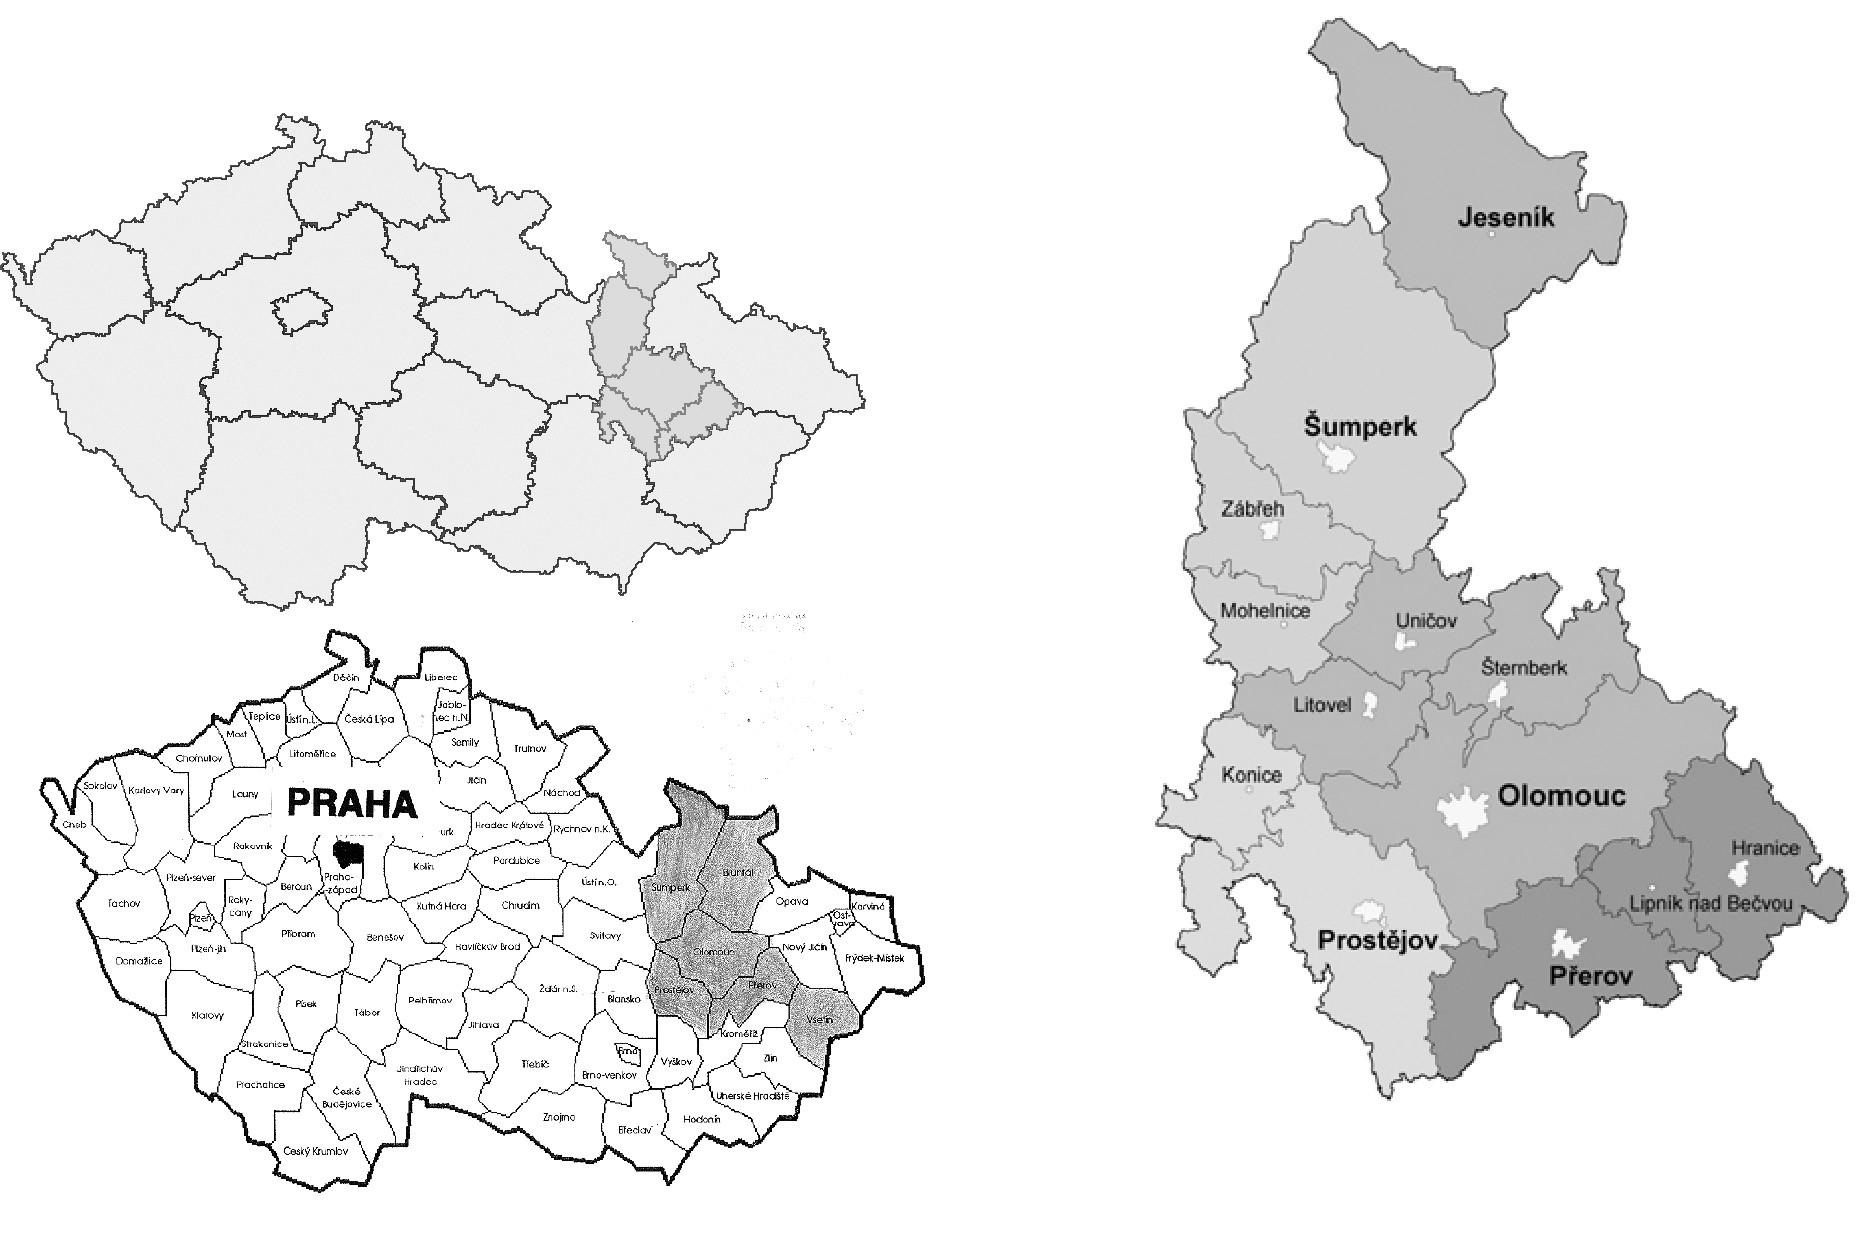 <b>(a-b)</b> Olomoucký kraj (ke 31.3.2009 bylo v Olomouckém kraji 641 883 obyvatel, v České republice jich ke stejnému datu bylo 10 476 543) [6, 7]; <b>(c)</b>: Olomoucký perinatologický region do r. 2000